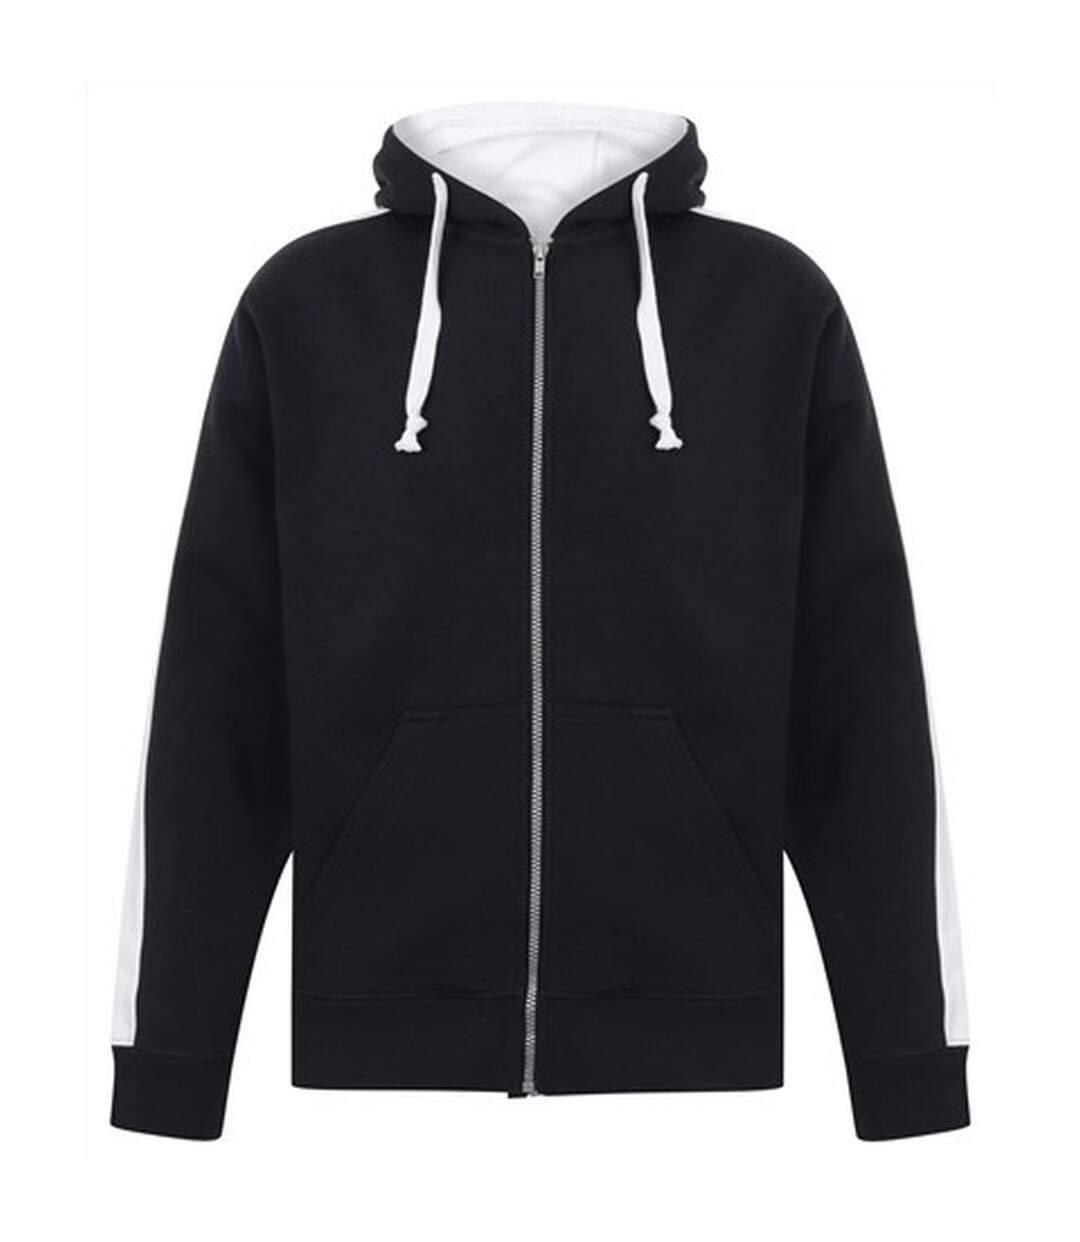 Finden & Hales - Sweatshirt À Capuche Et Fermeture Zippée - Homme (Bleu marine / blanc) - UTRW421